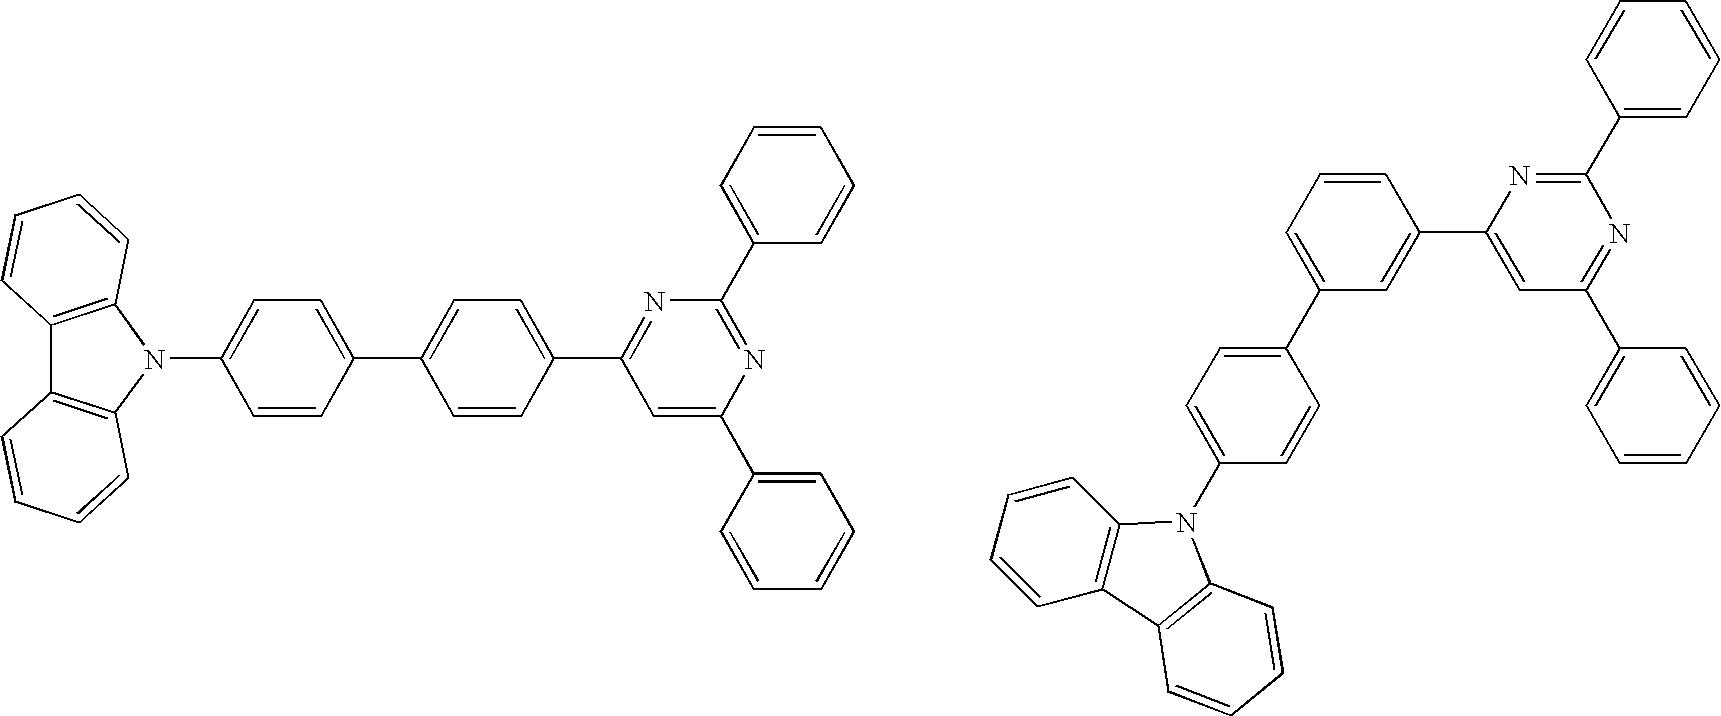 Figure US20070278938A1-20071206-C00039